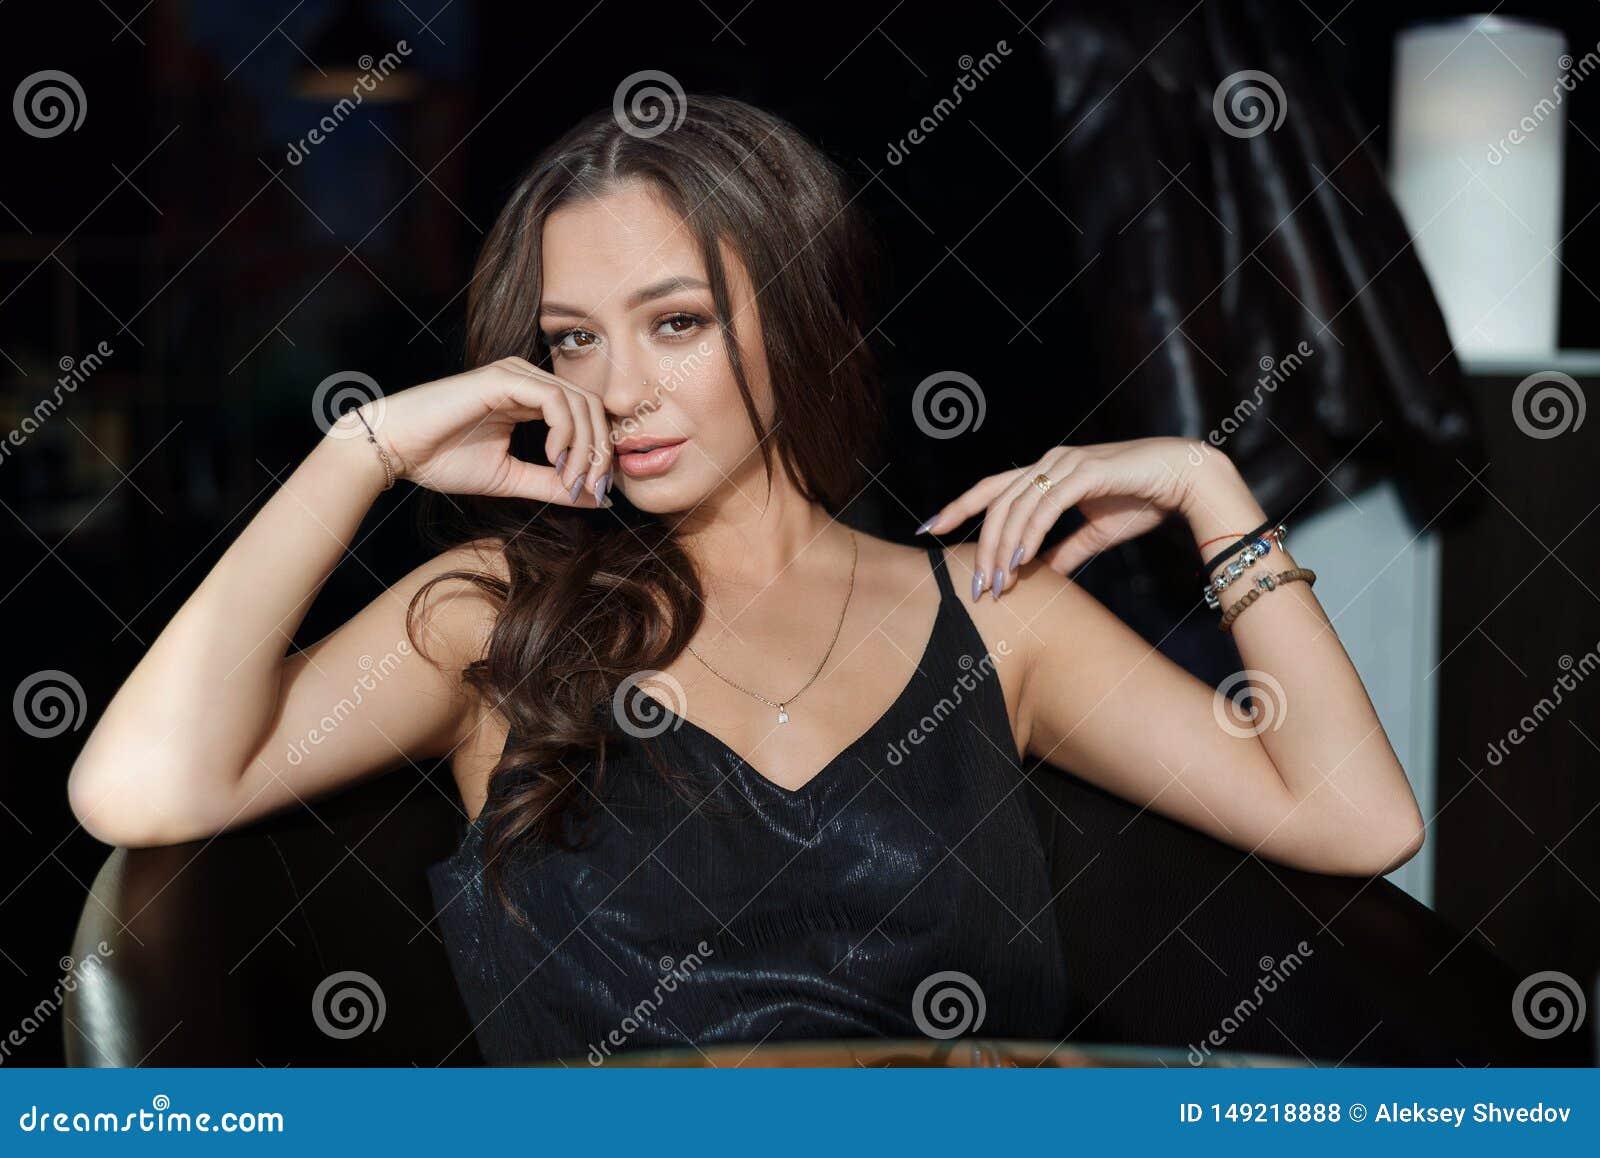 Сексуальная женщина ждать кто-то